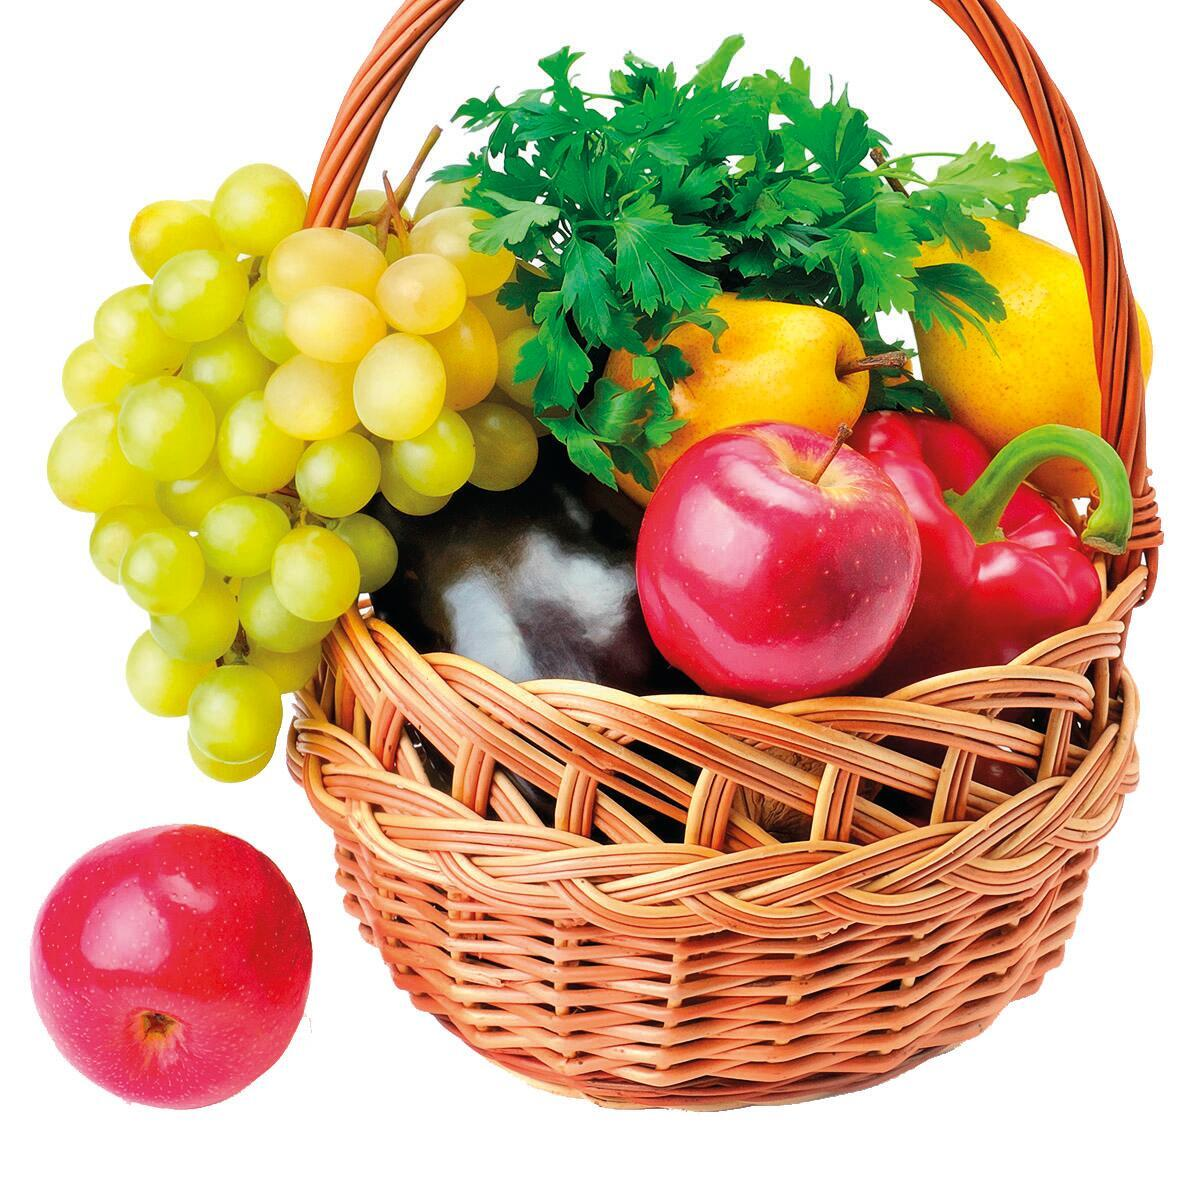 Concime granulare Orto Frutta 15 kg - 3